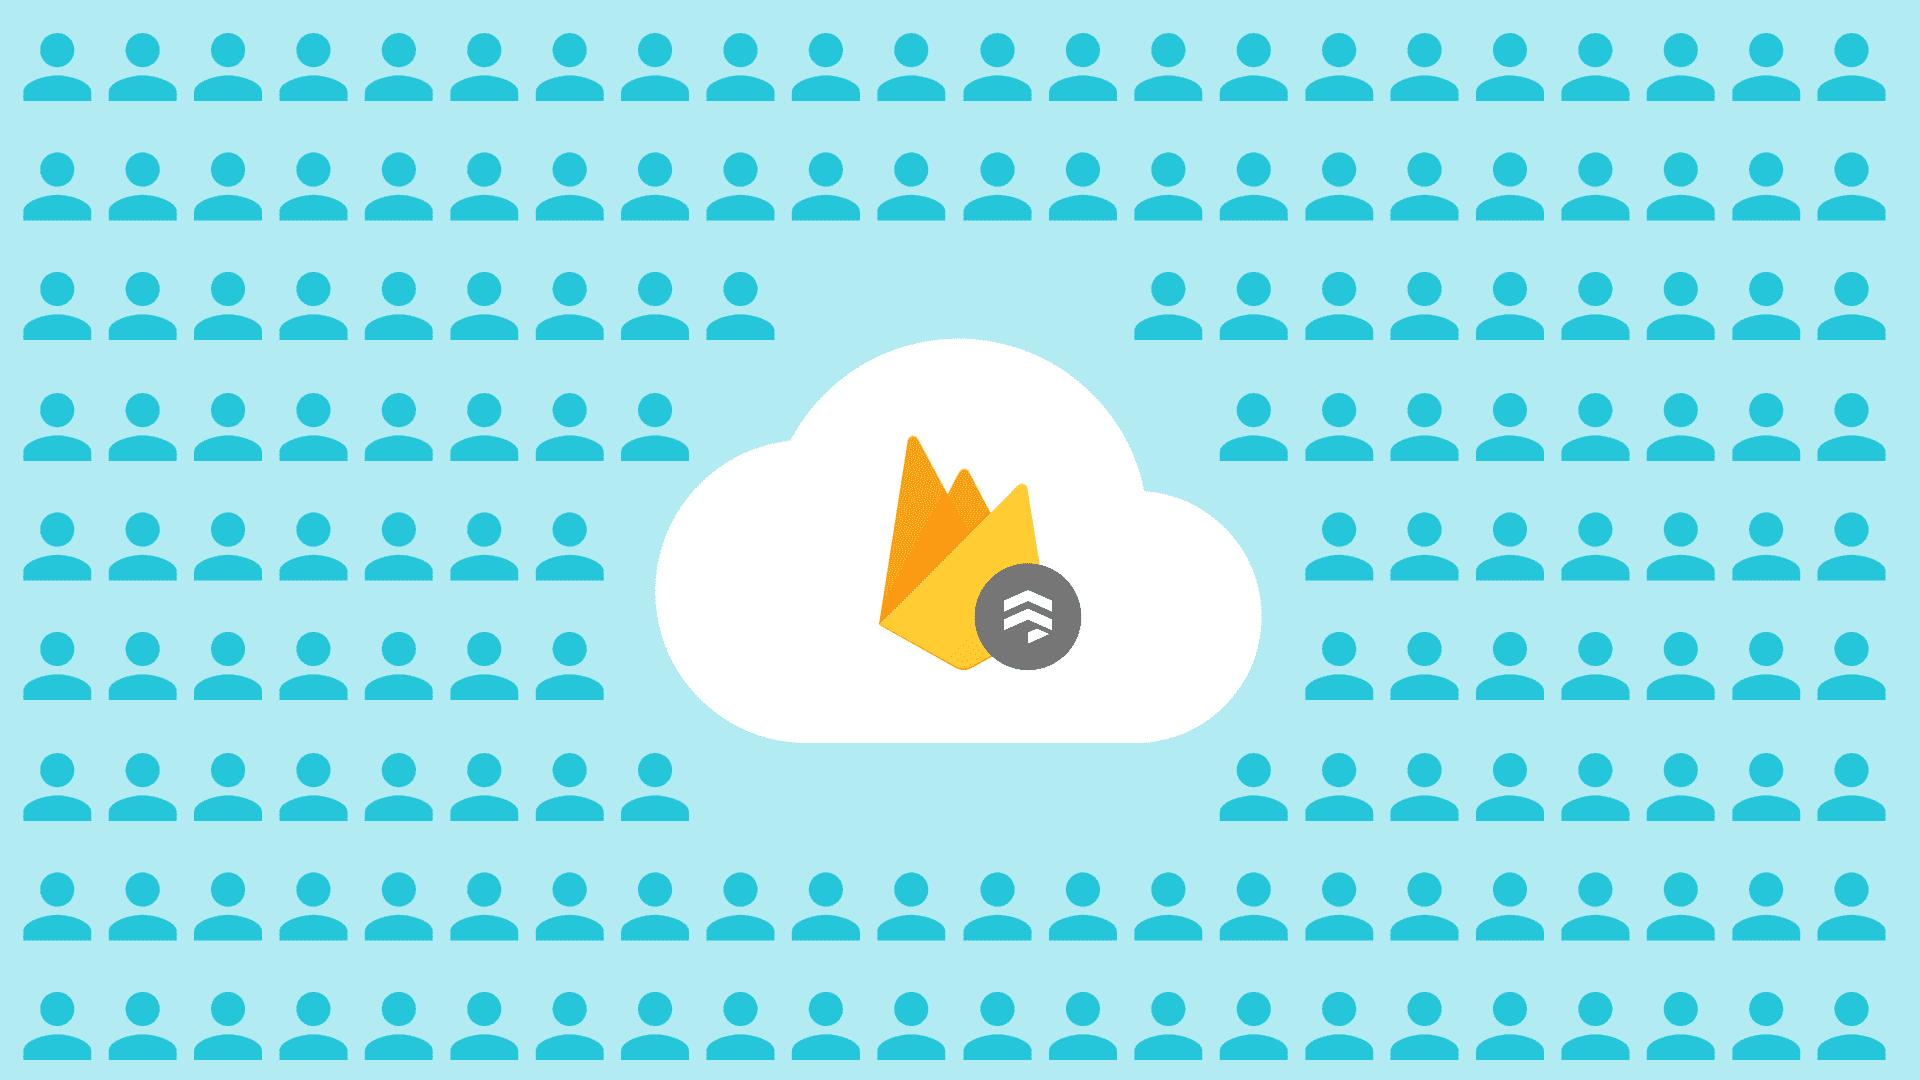 رسم توضيحي لشعار Firebase firestore وأعضاء الجمهور